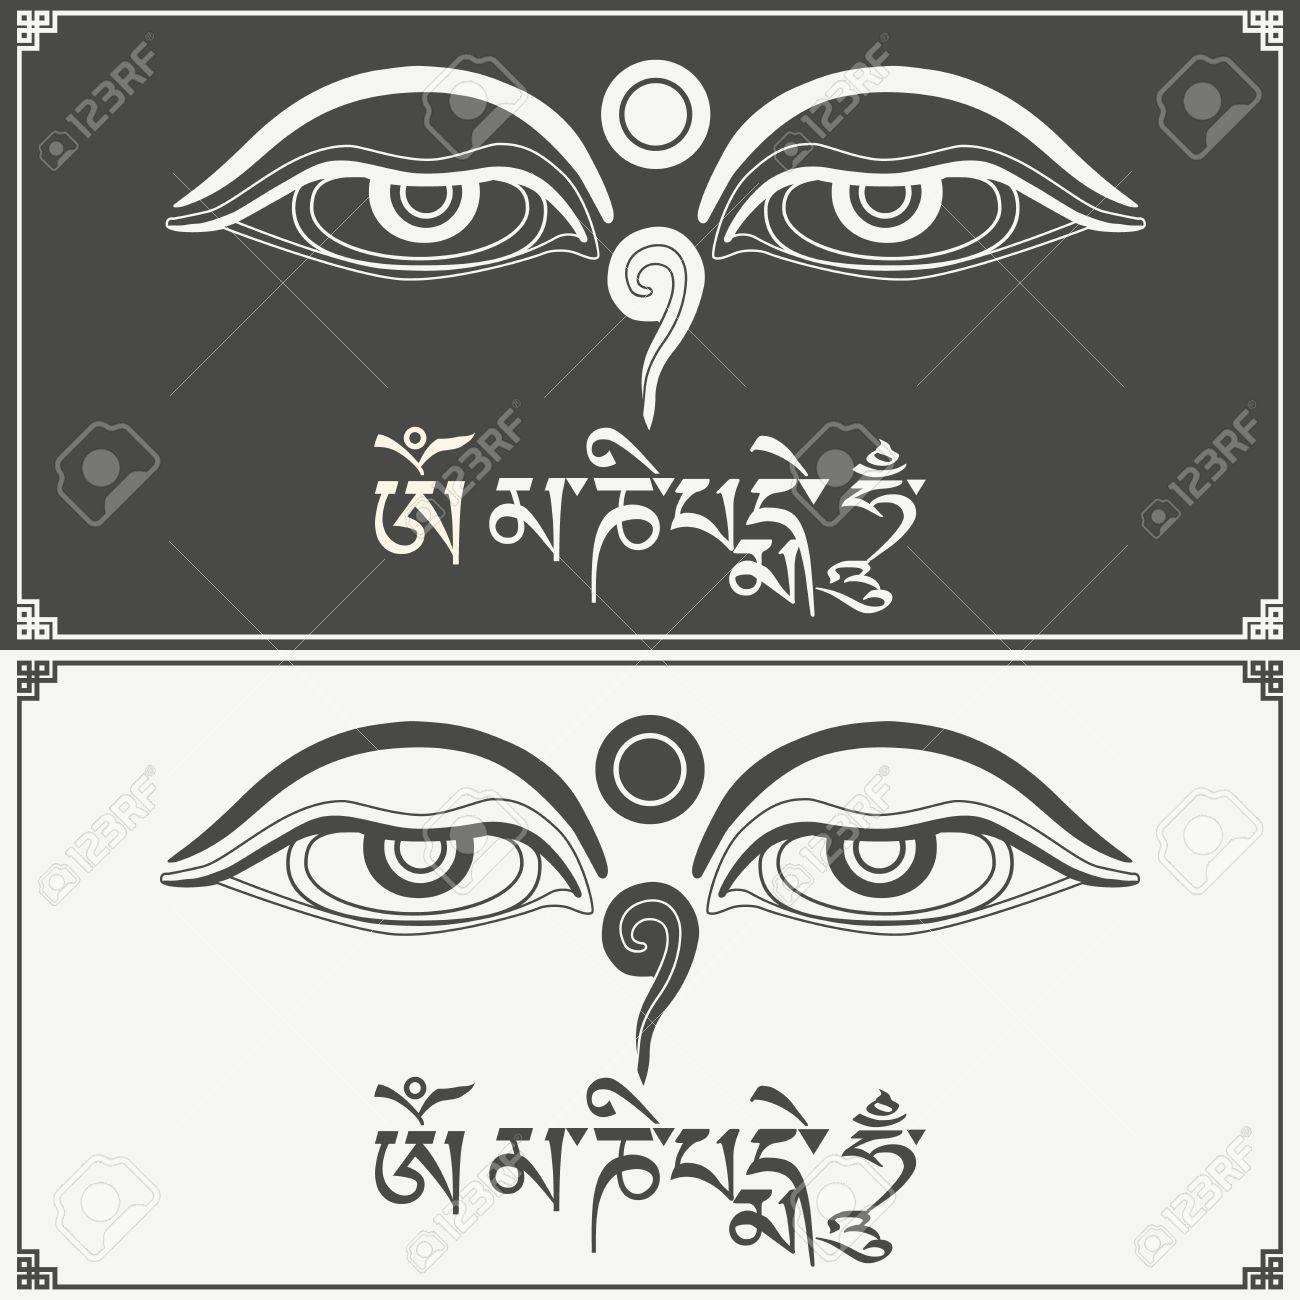 Eyes of buddha with mantra om mani padme hum buddhas eyes eyes of buddha with mantra om mani padme hum buycottarizona